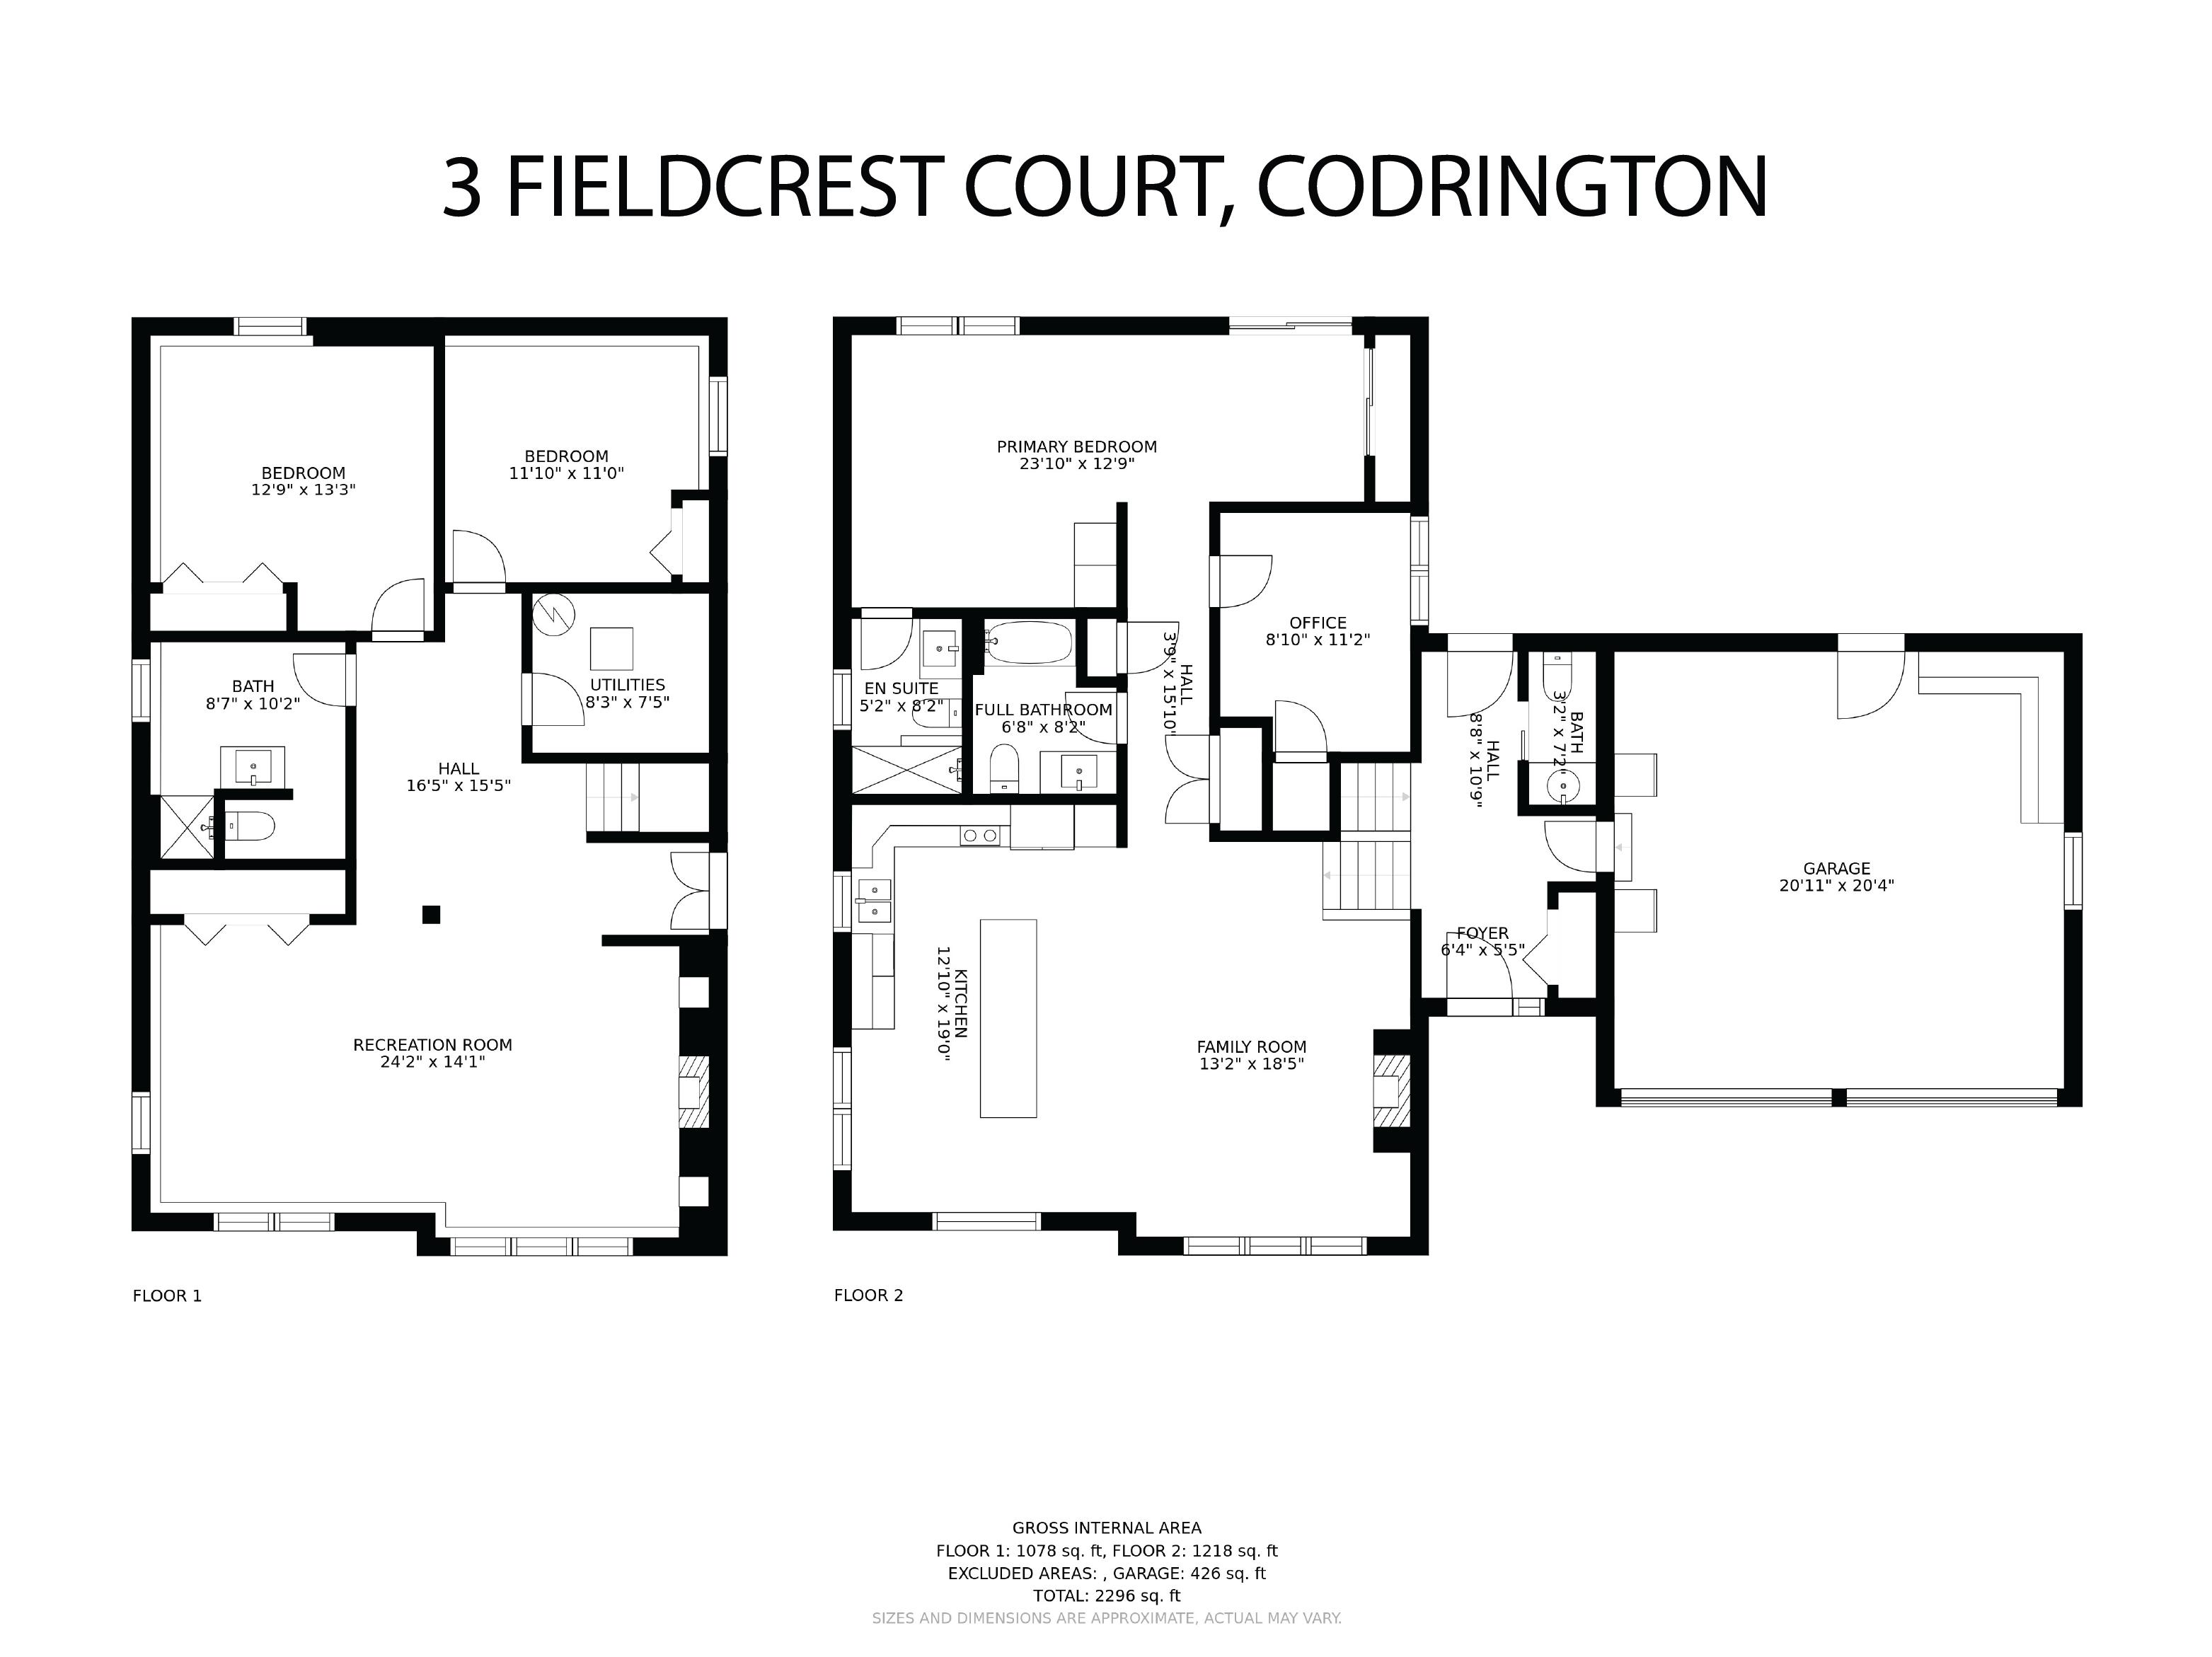 3 Fieldcrest Court floorplan